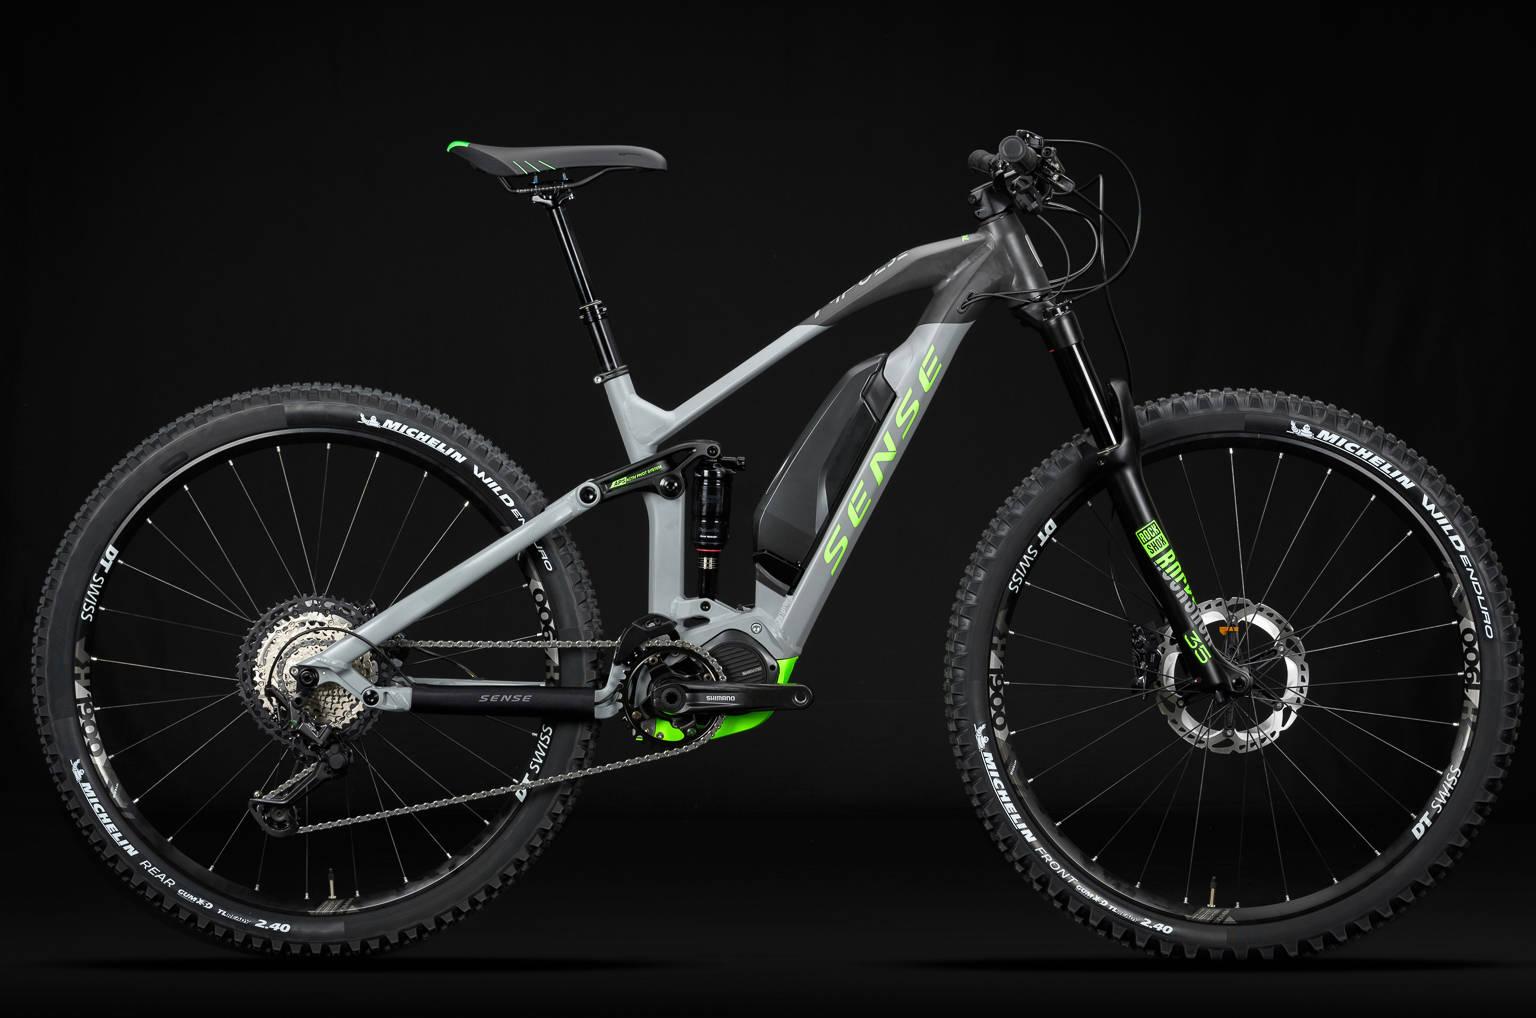 Bicicleta Sense Impulse E-Trail - MTB Elétrica para todo tipo de ...